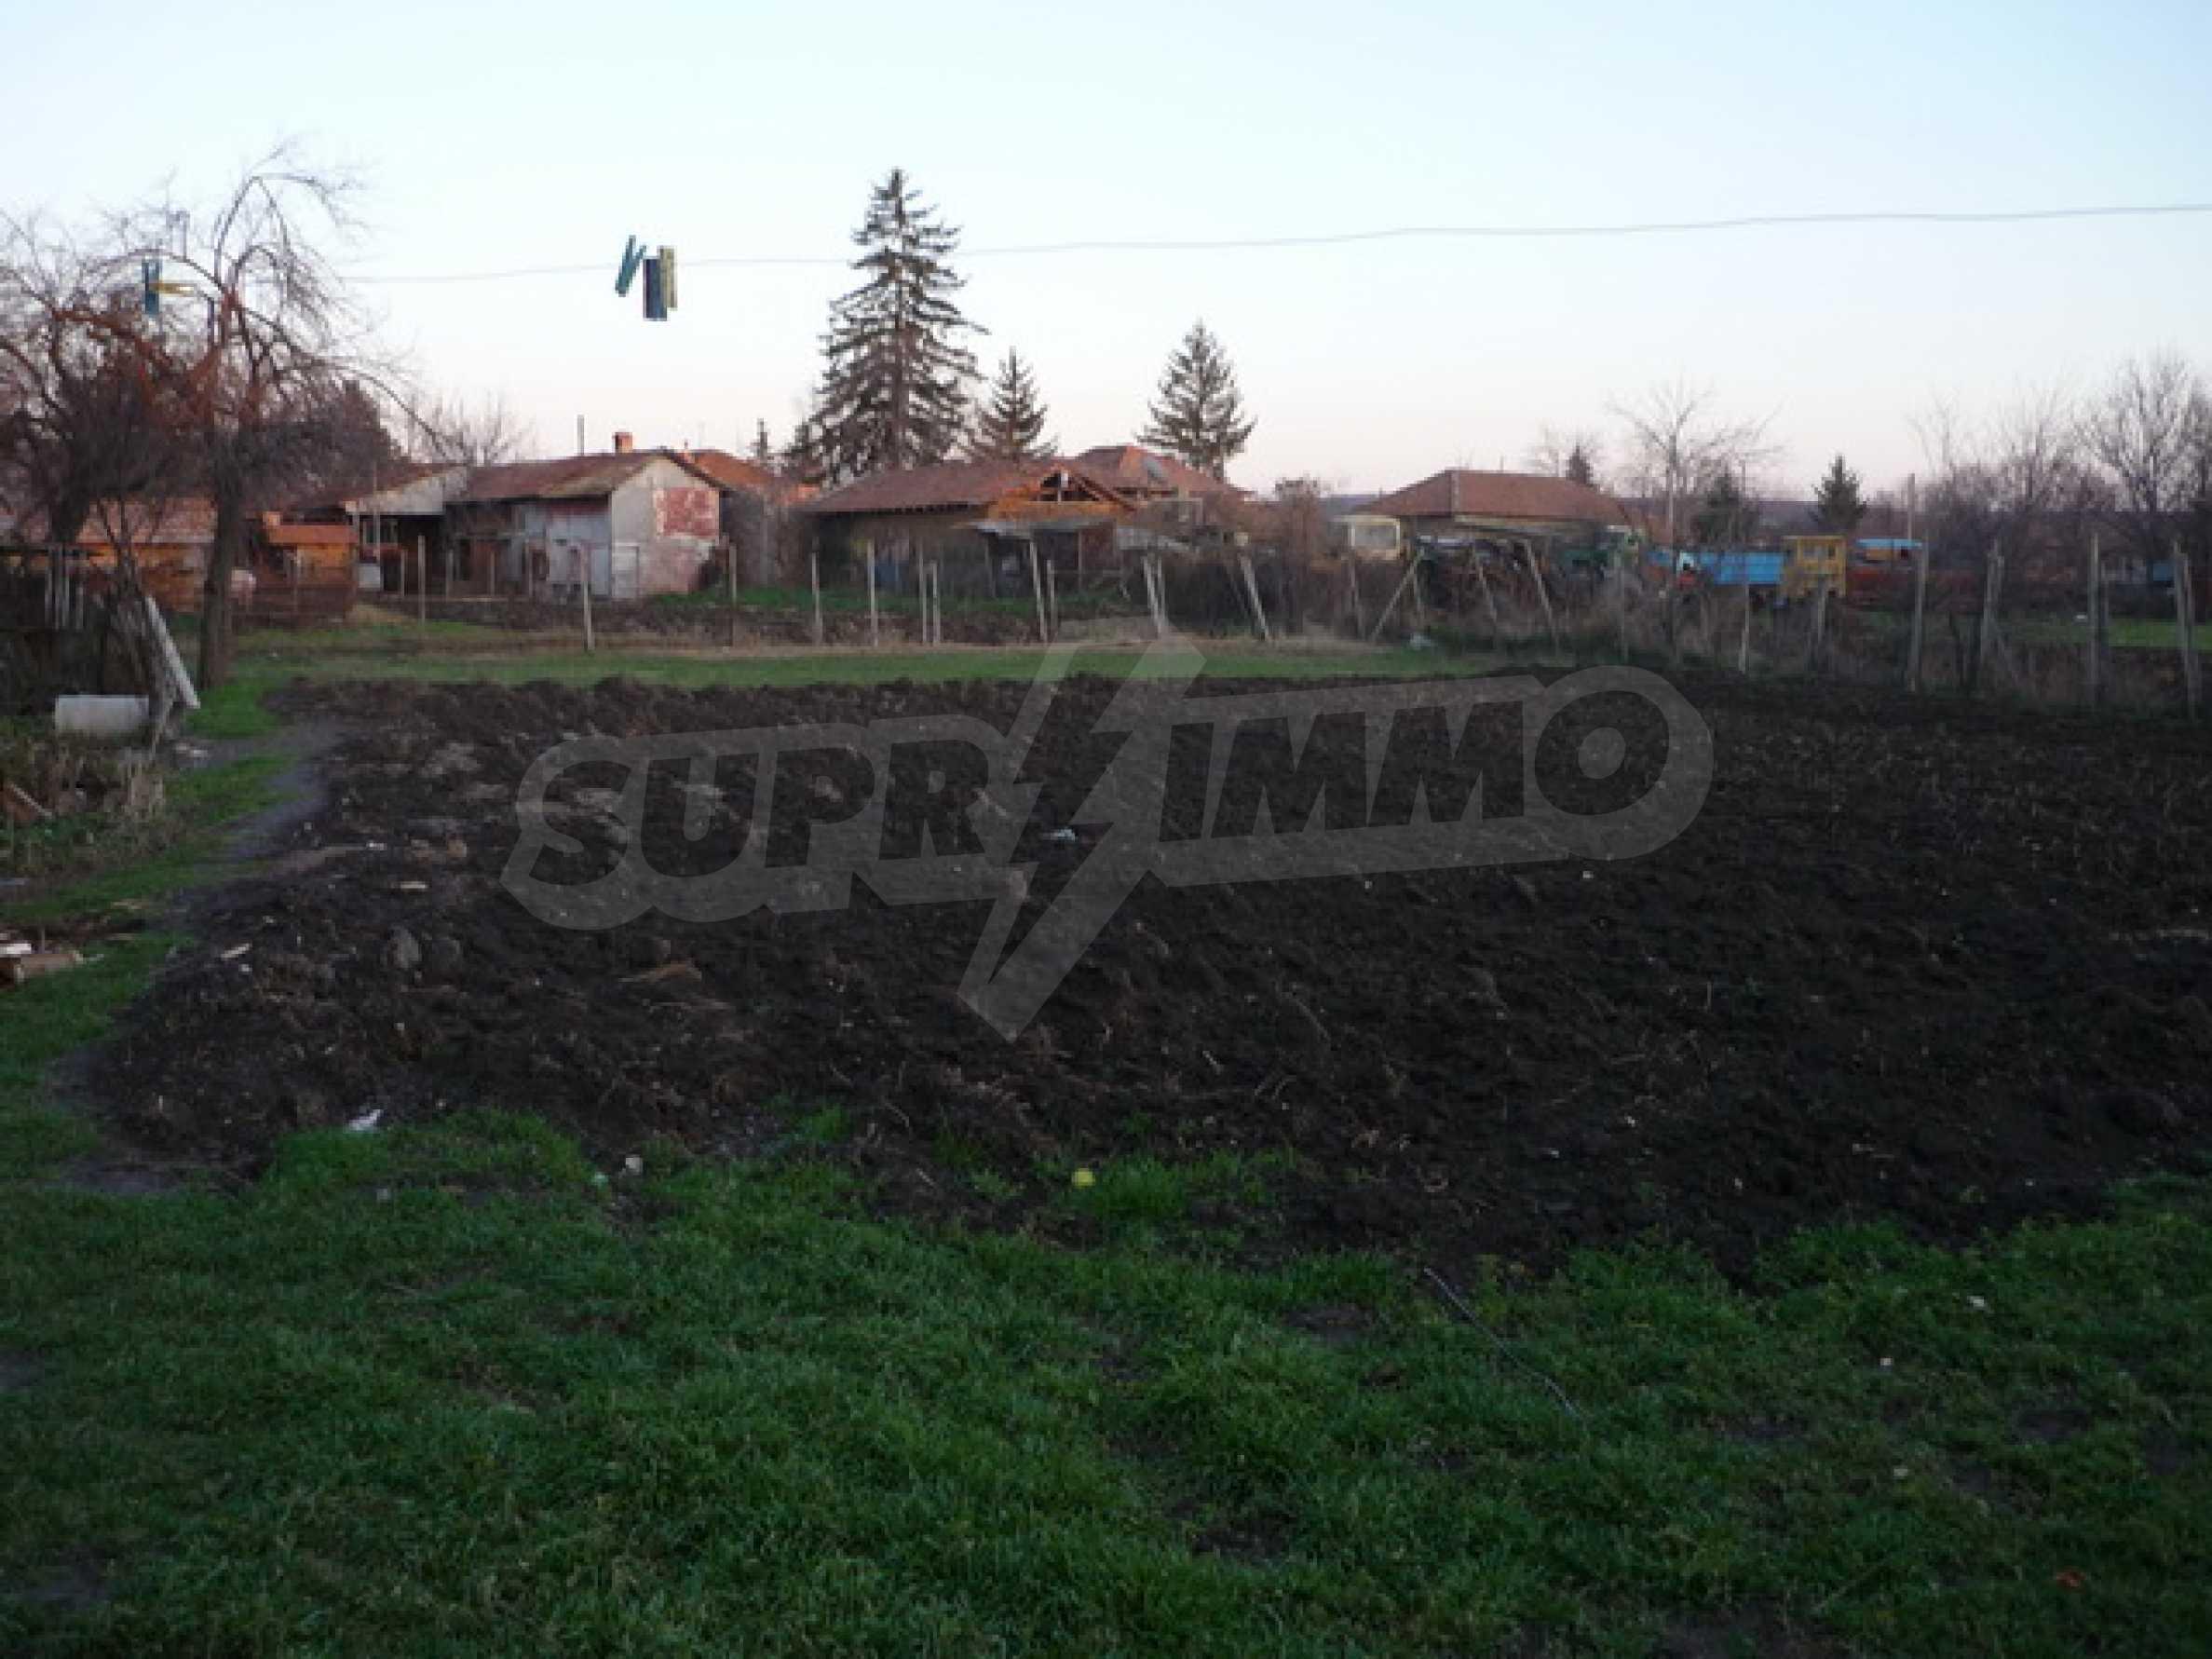 Zweistöckiges Haus zum Verkauf in einem Dorf 40 km von Veliko Tarnovo entfernt 11